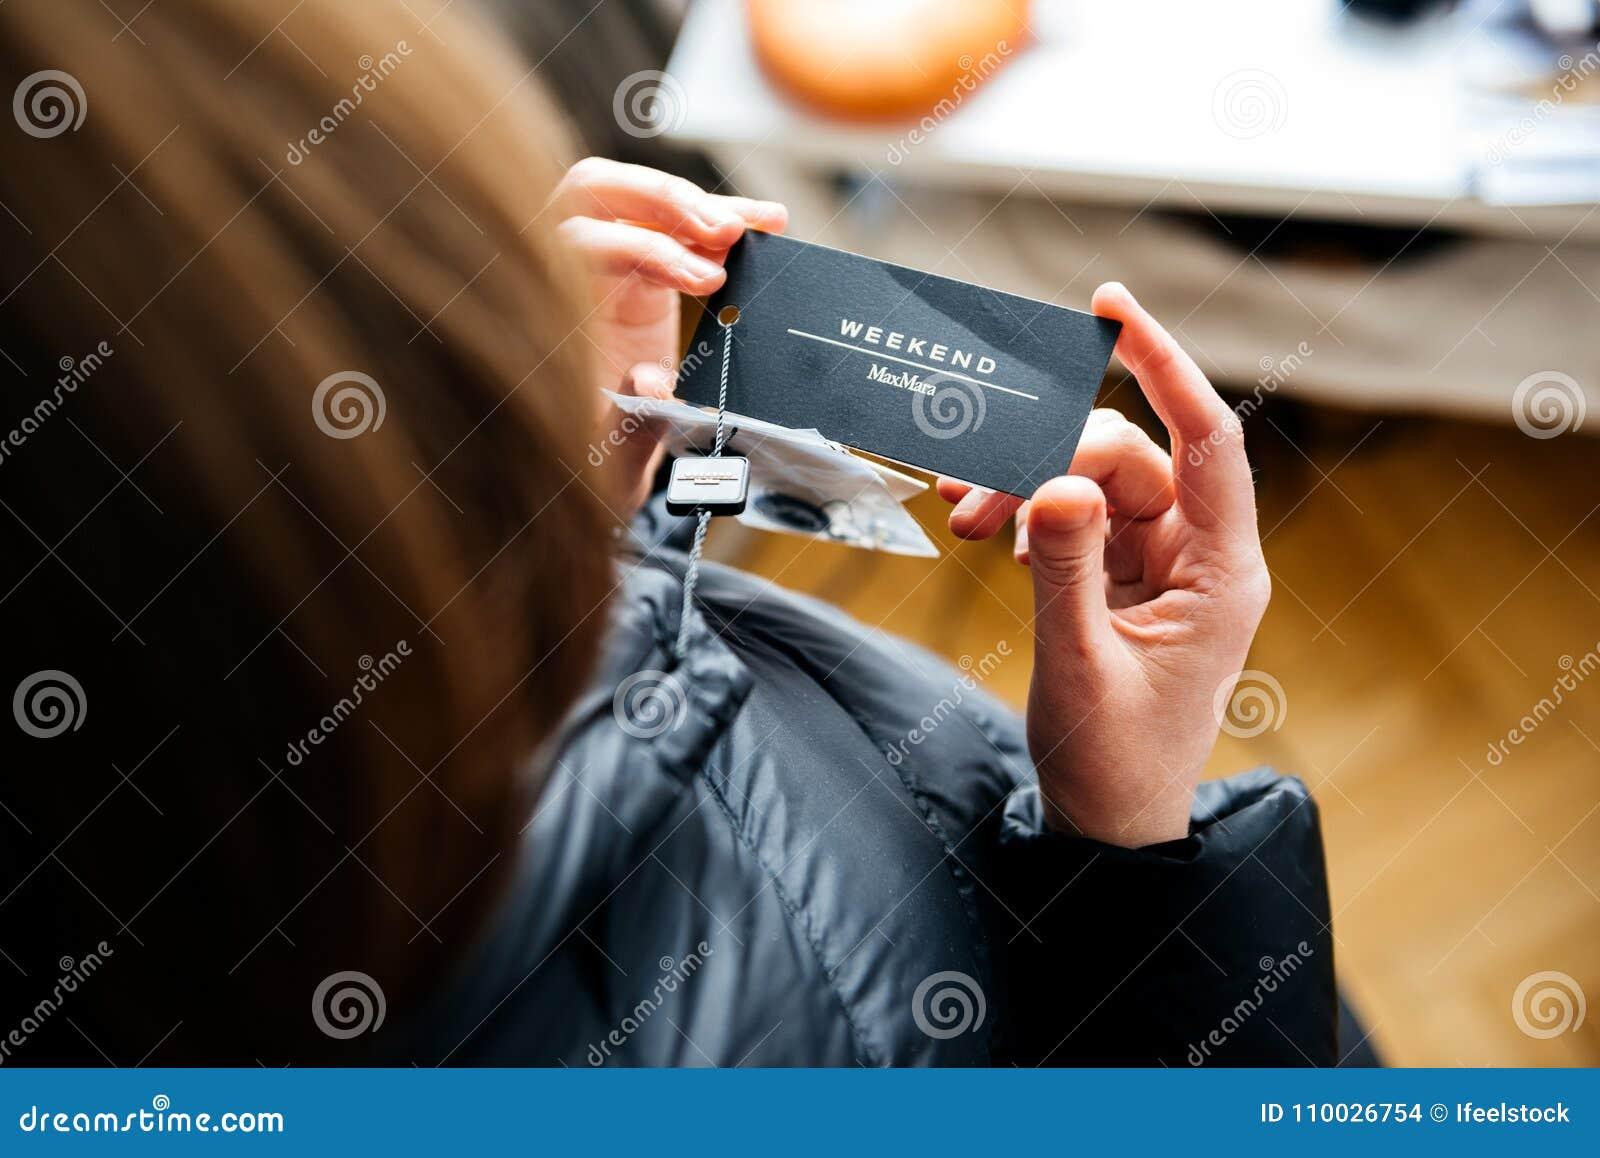 De vrouw die in Maximum mara onderaan jasje bekijken koopt nieuw klerenprijskaartje